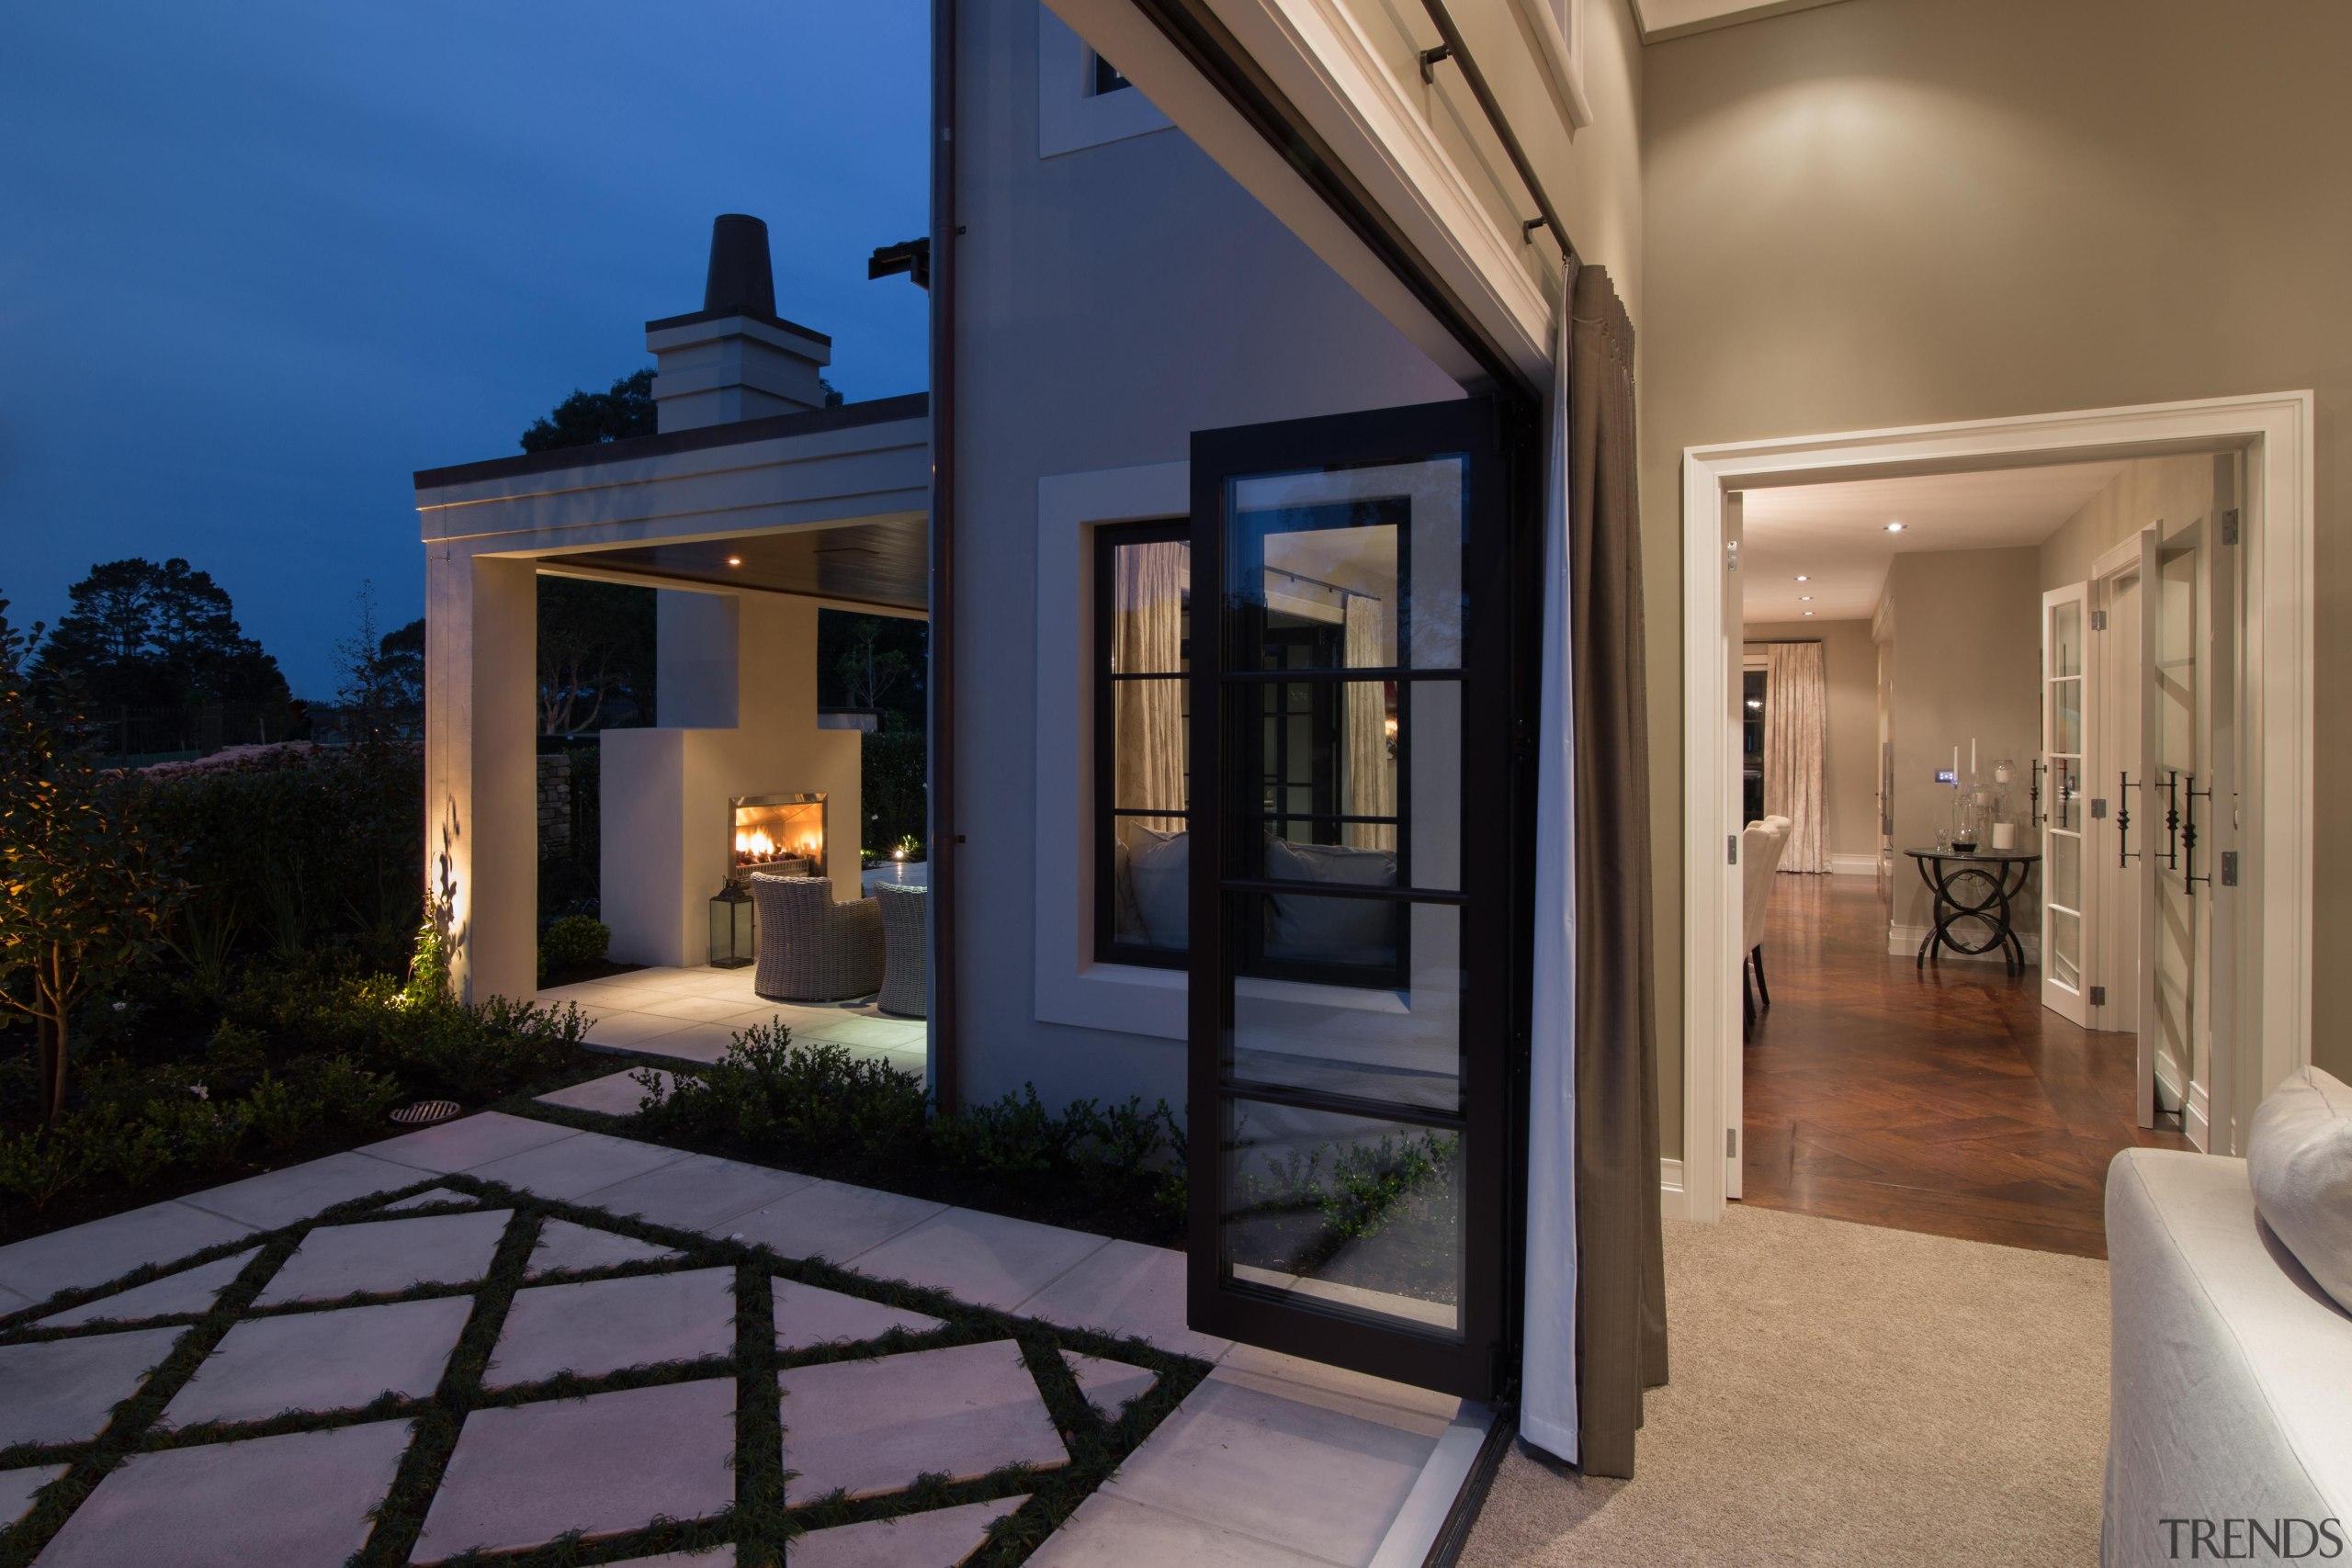 Img 0675 - door | estate | home door, estate, home, house, interior design, lighting, property, real estate, window, black